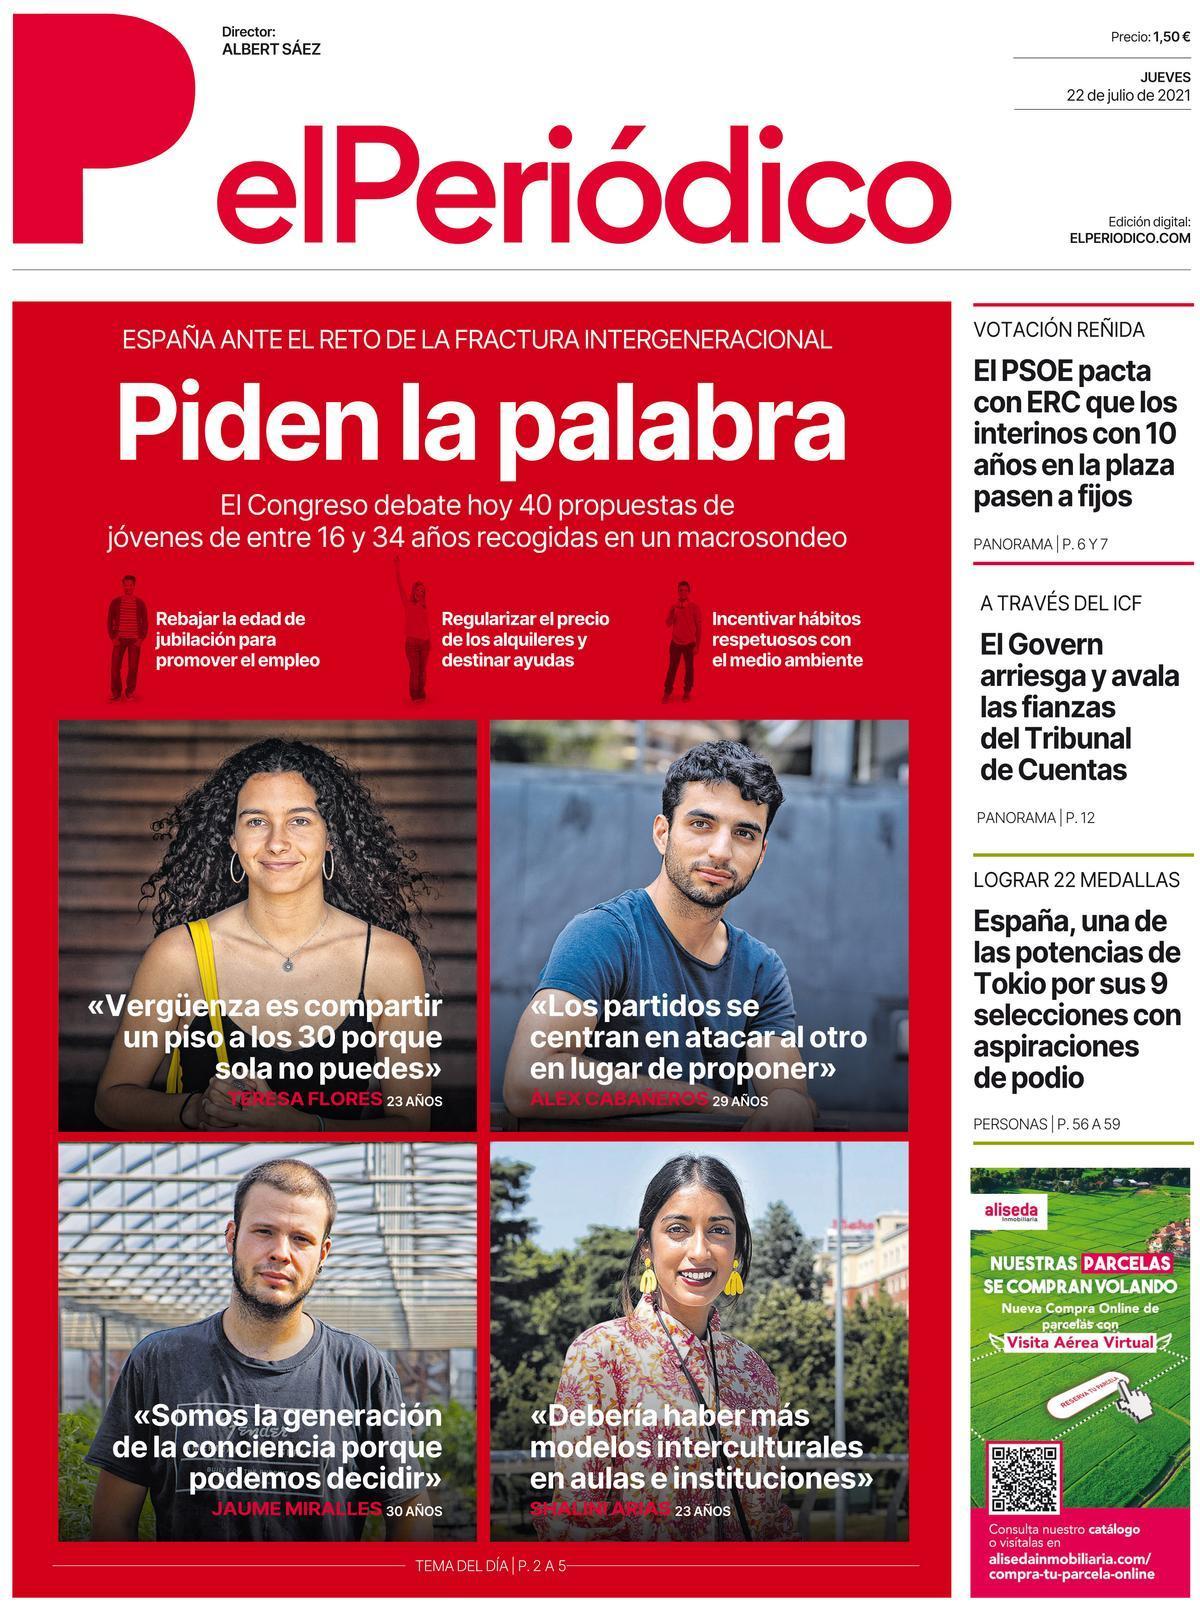 La portada de EL PERIÓDICO del 22 de julio de 2021